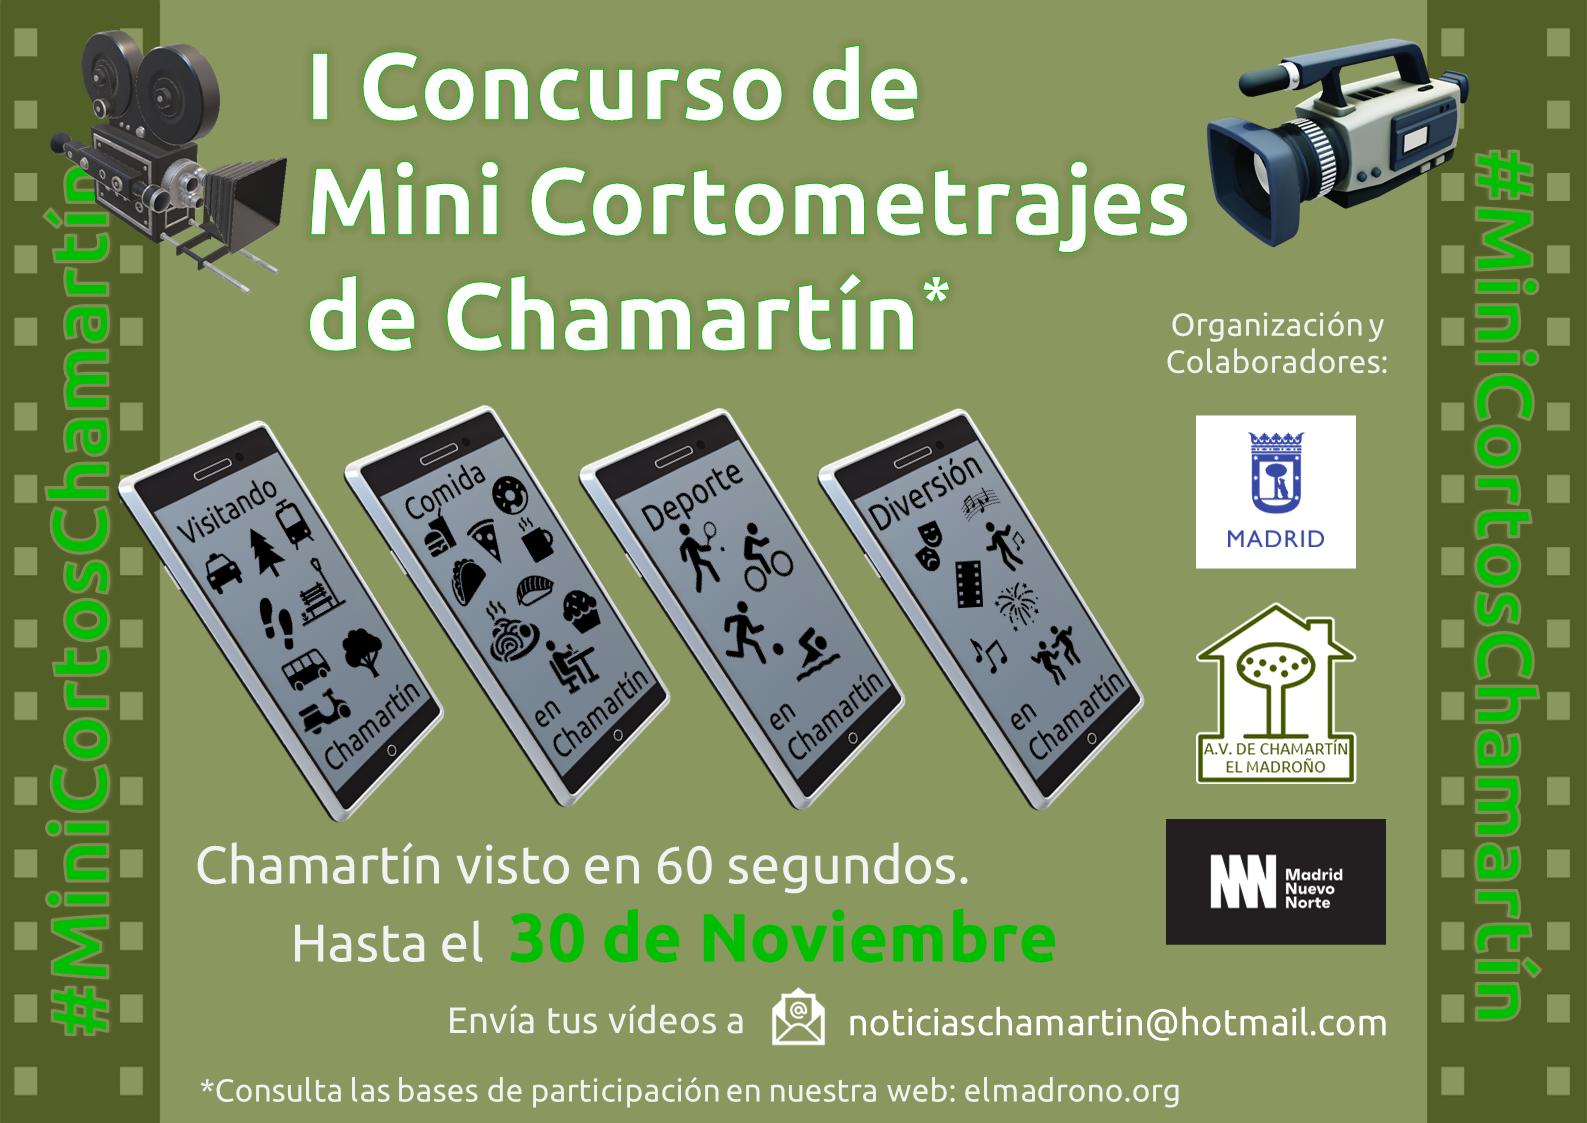 Vídeo de presentación del I Concurso de Mini Cortometrajes de Chamartín